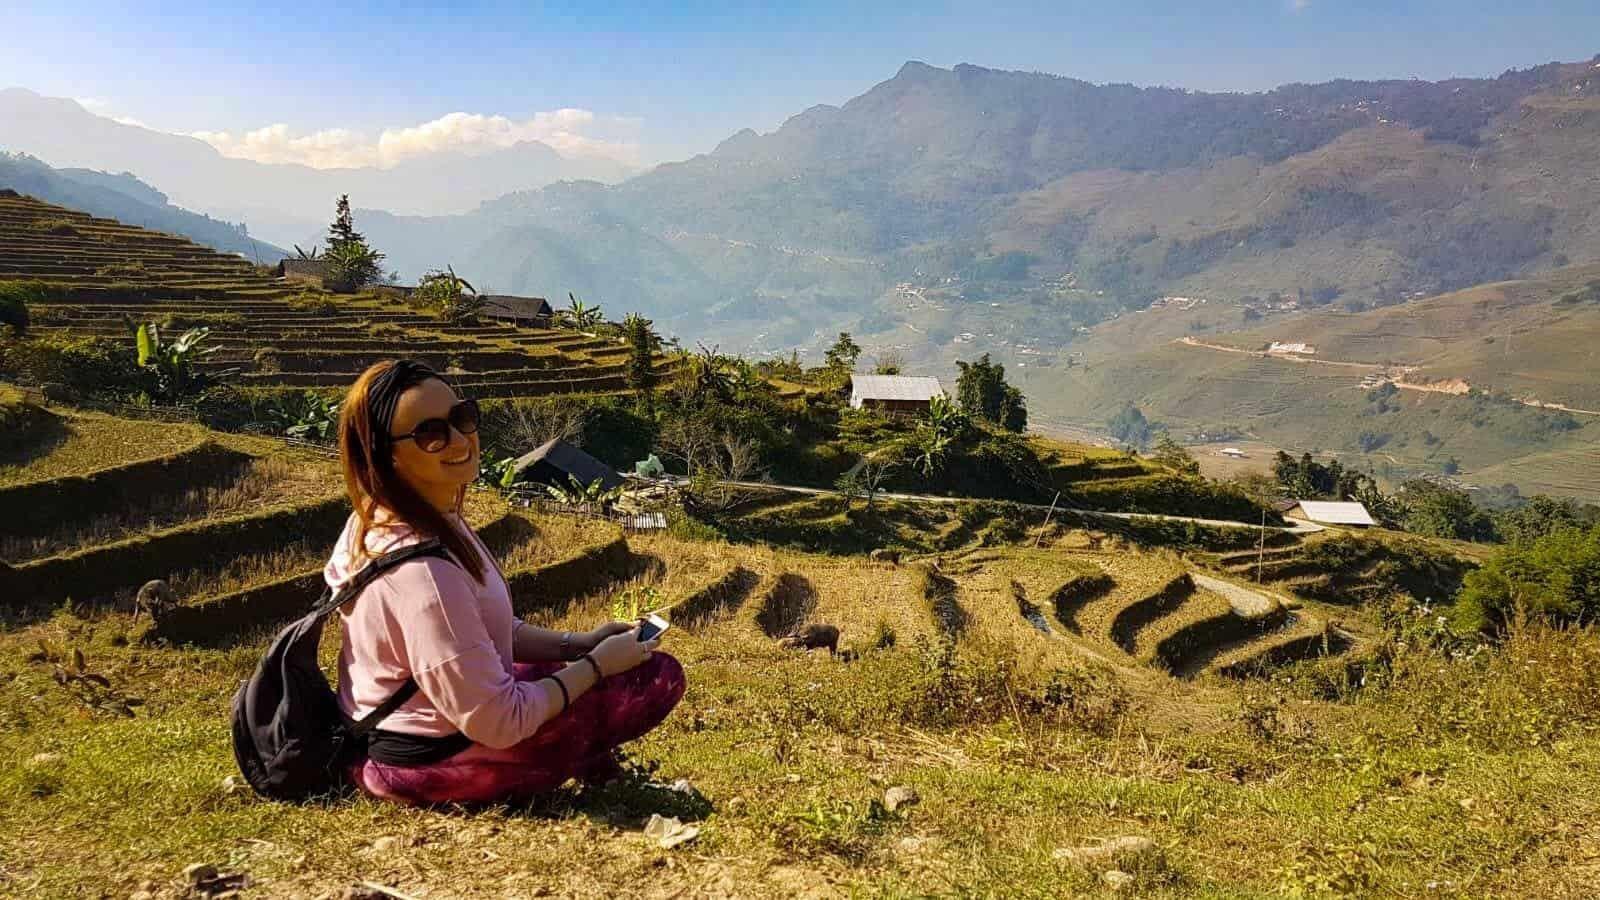 Visita Tailanda, el país de las sonrisas